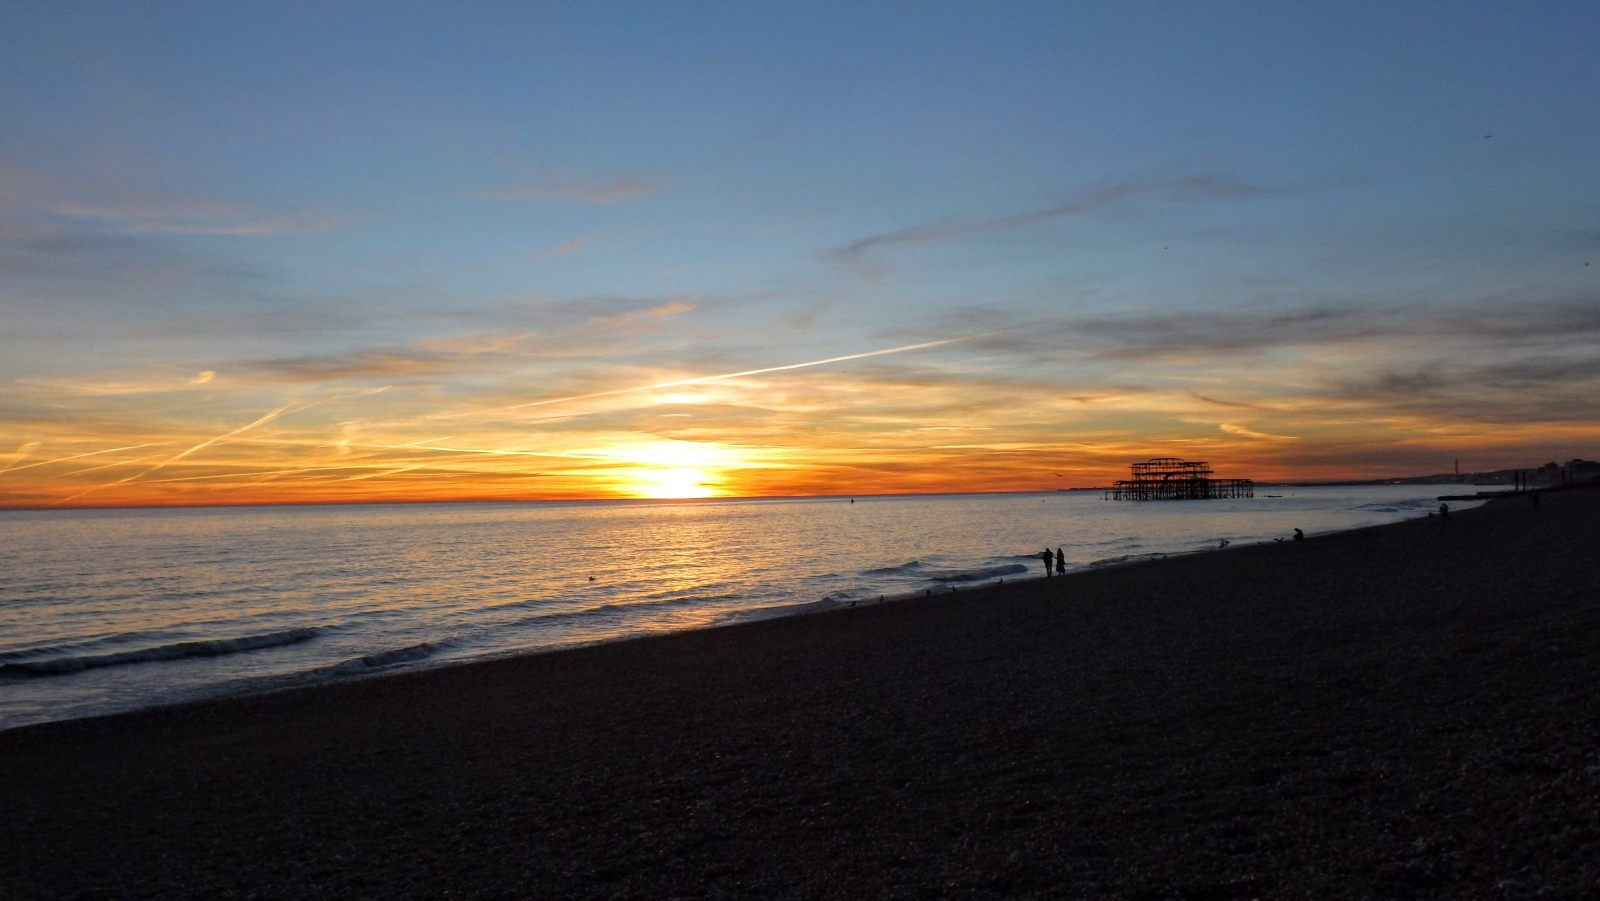 Hibiscus & Nomada : Brighton - Seafront Sunset